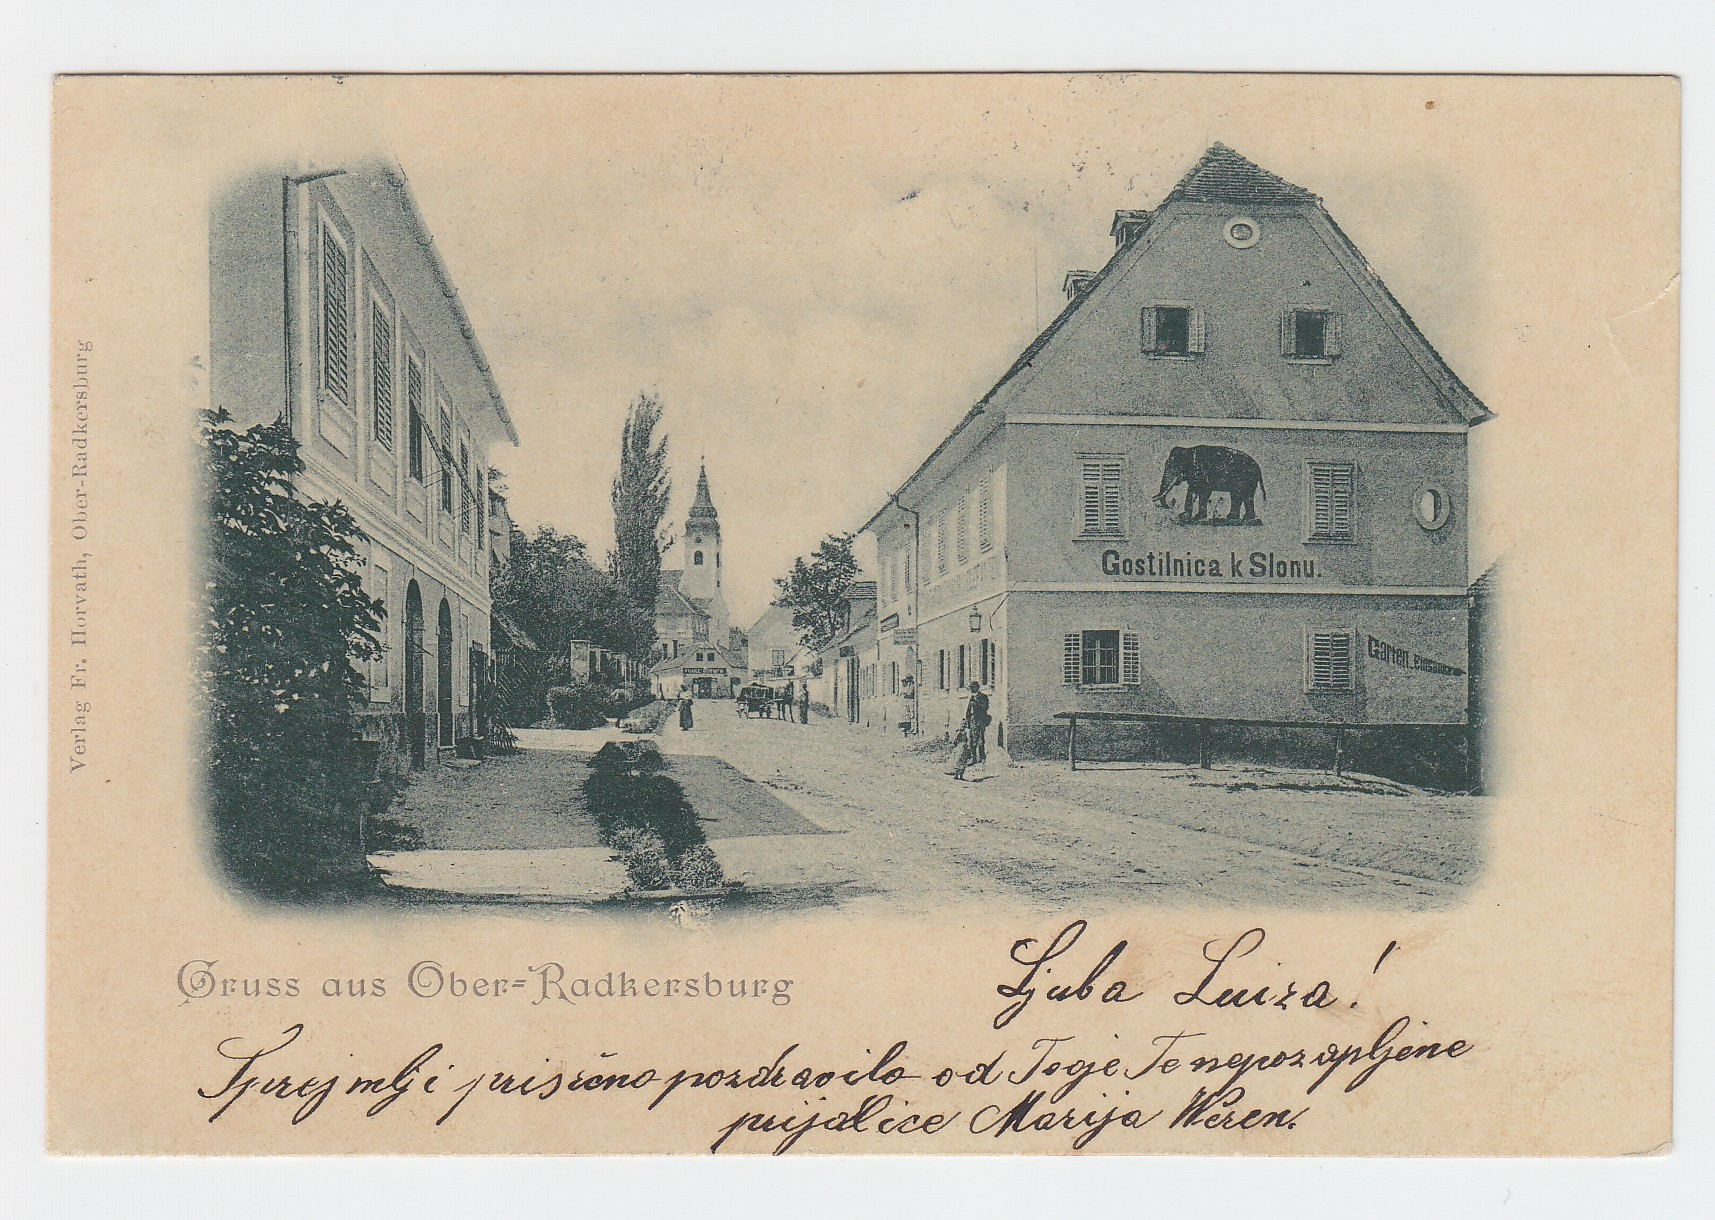 Gruss aus Ober=Radkersburg.